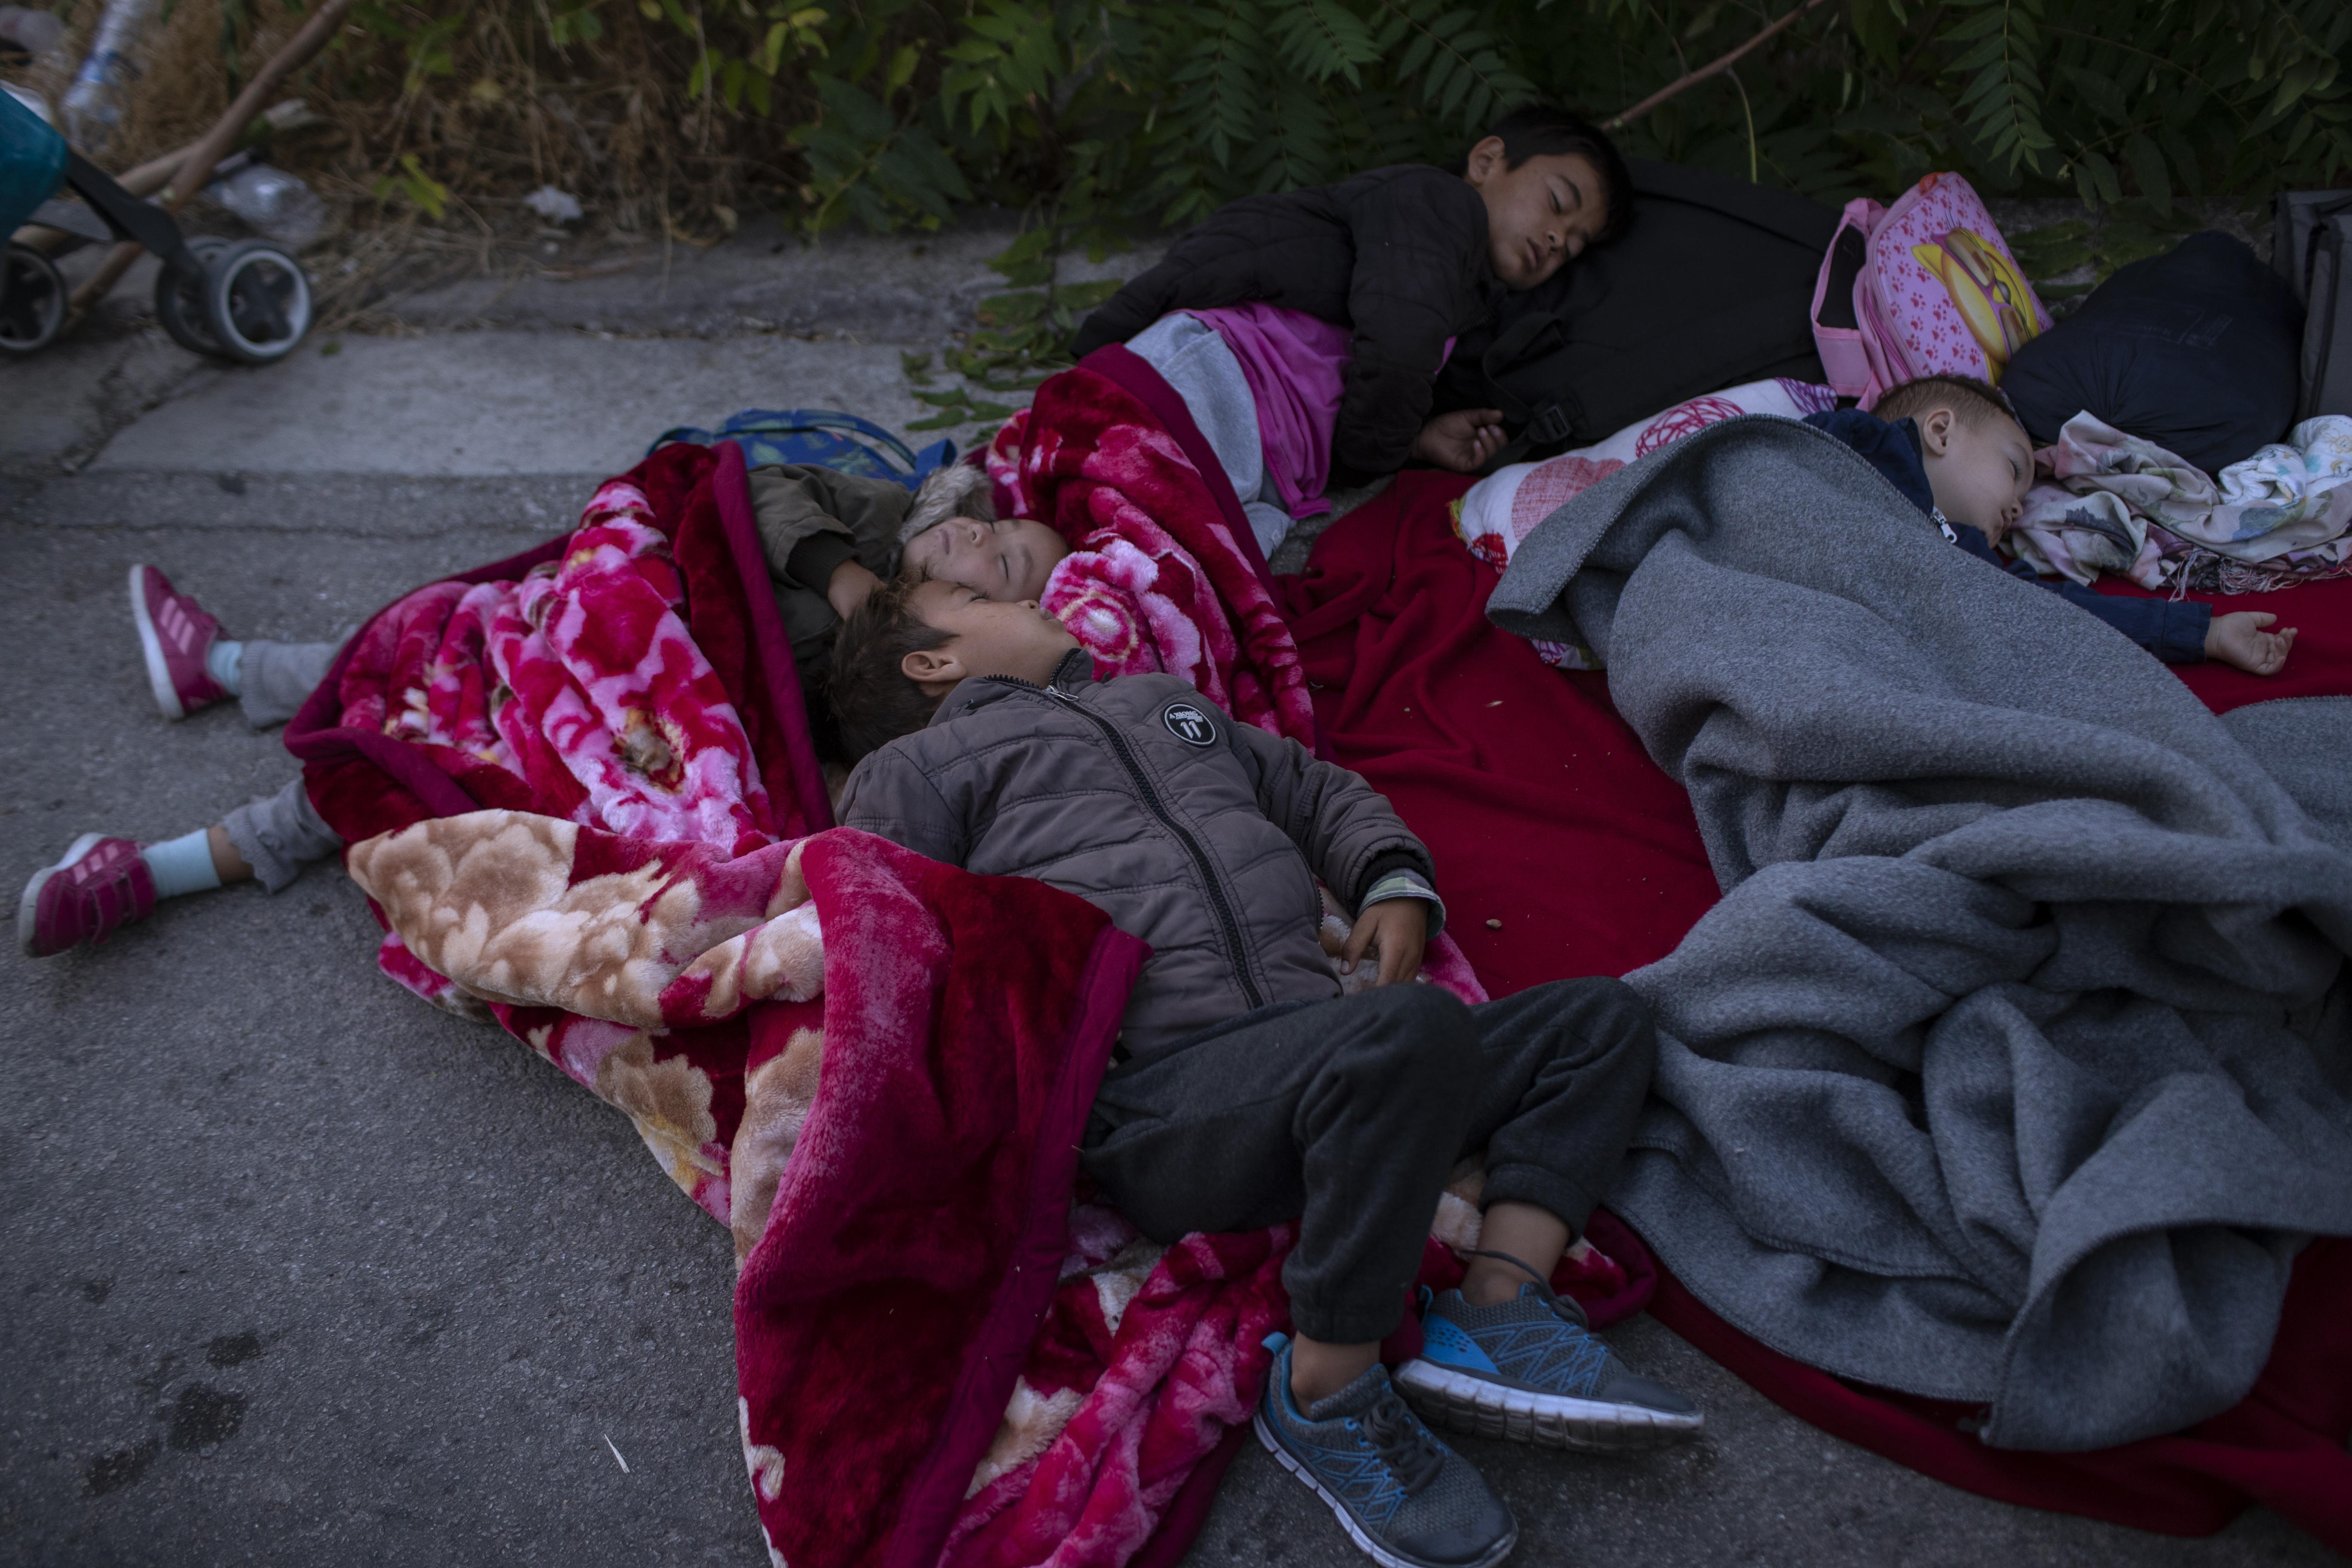 Woningcorporaties denken na over huisvesting en opvang van vluchtelingen uit Griekse opvangkampen, politiek wacht op verzoek uit Den Haag